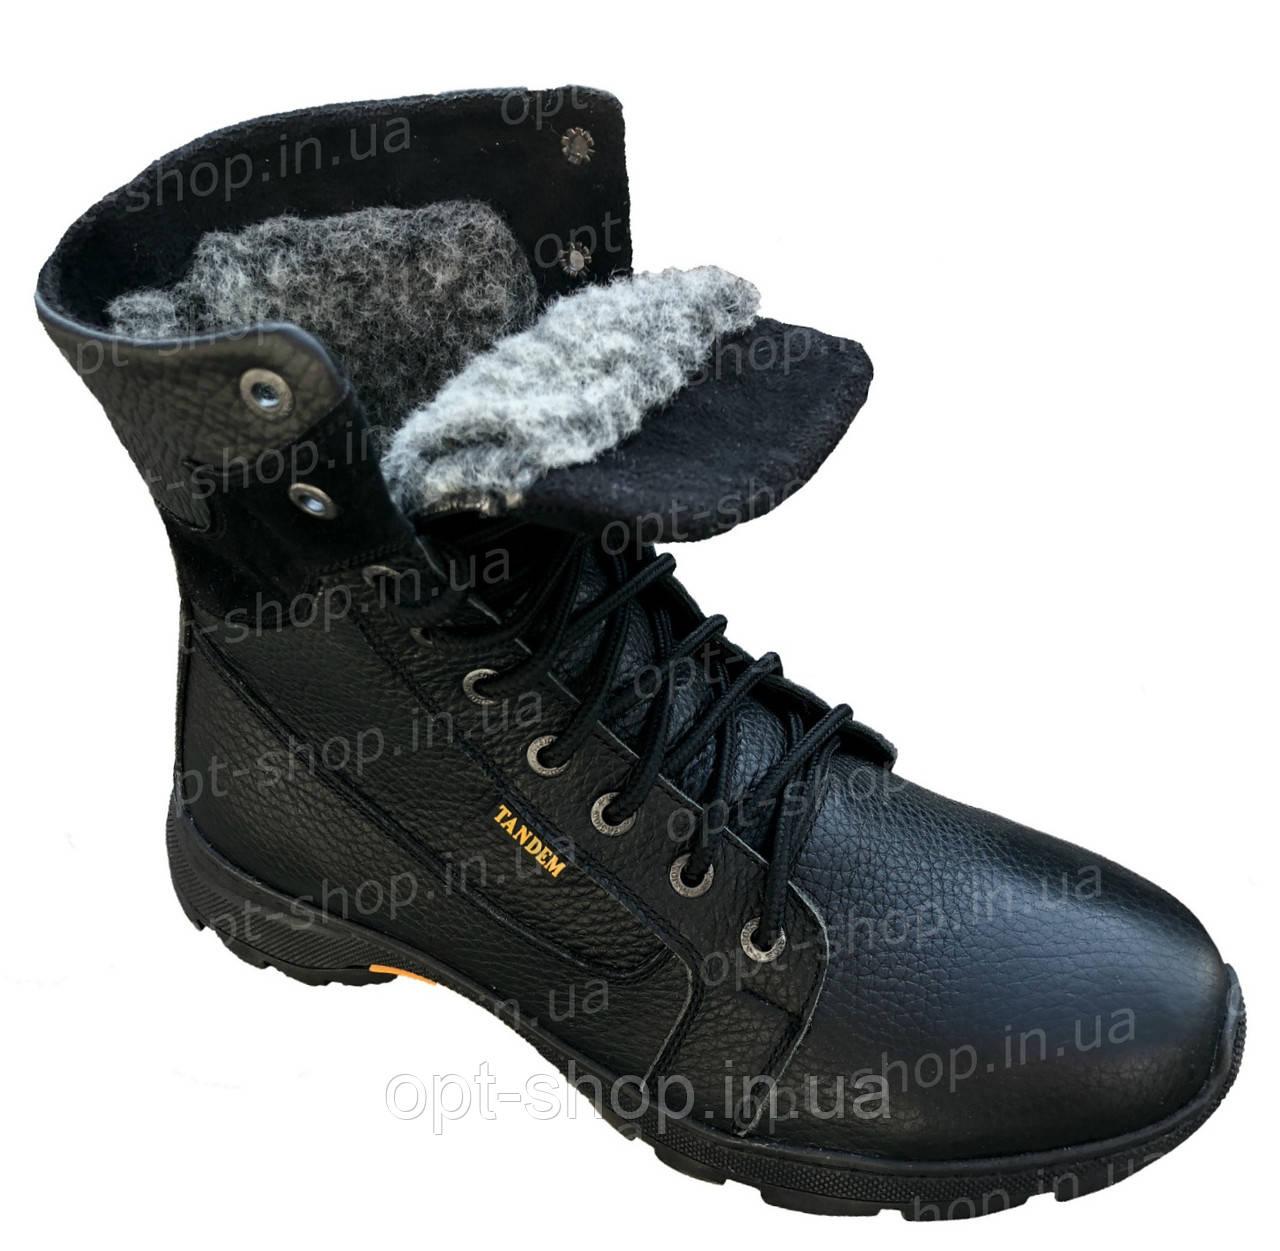 df8681c1 Купить Мужские высокие ботинки (берцы) в Харькове от компании ...